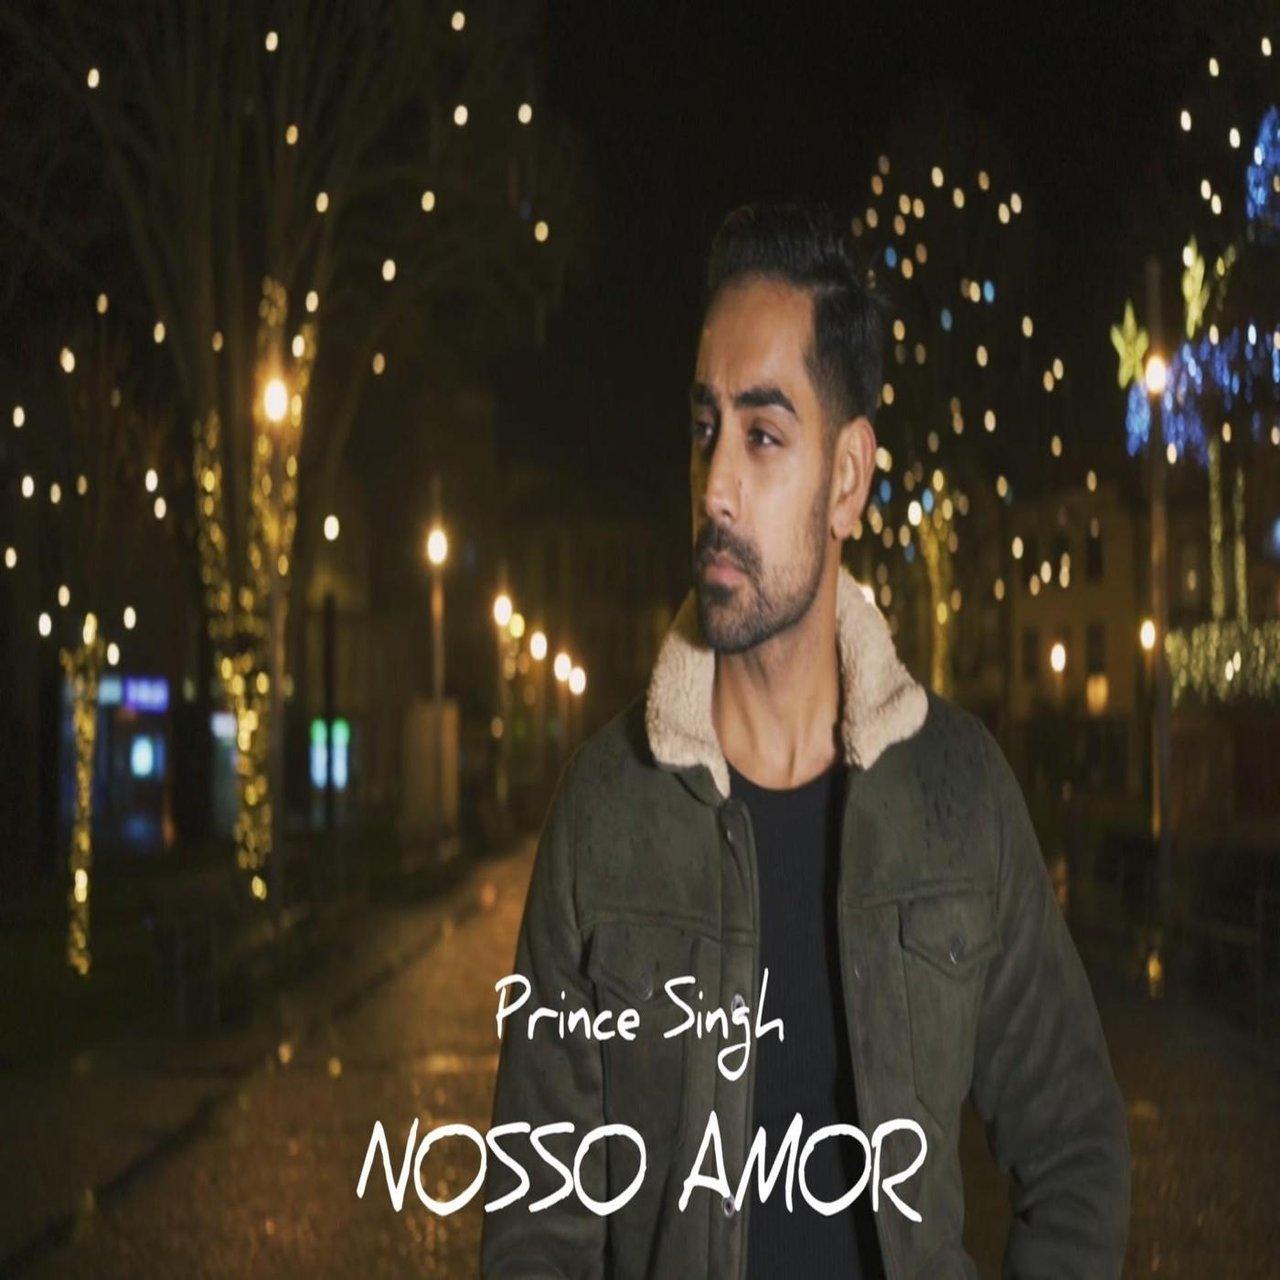 Prince Singh - Nosso Amor (Cover)